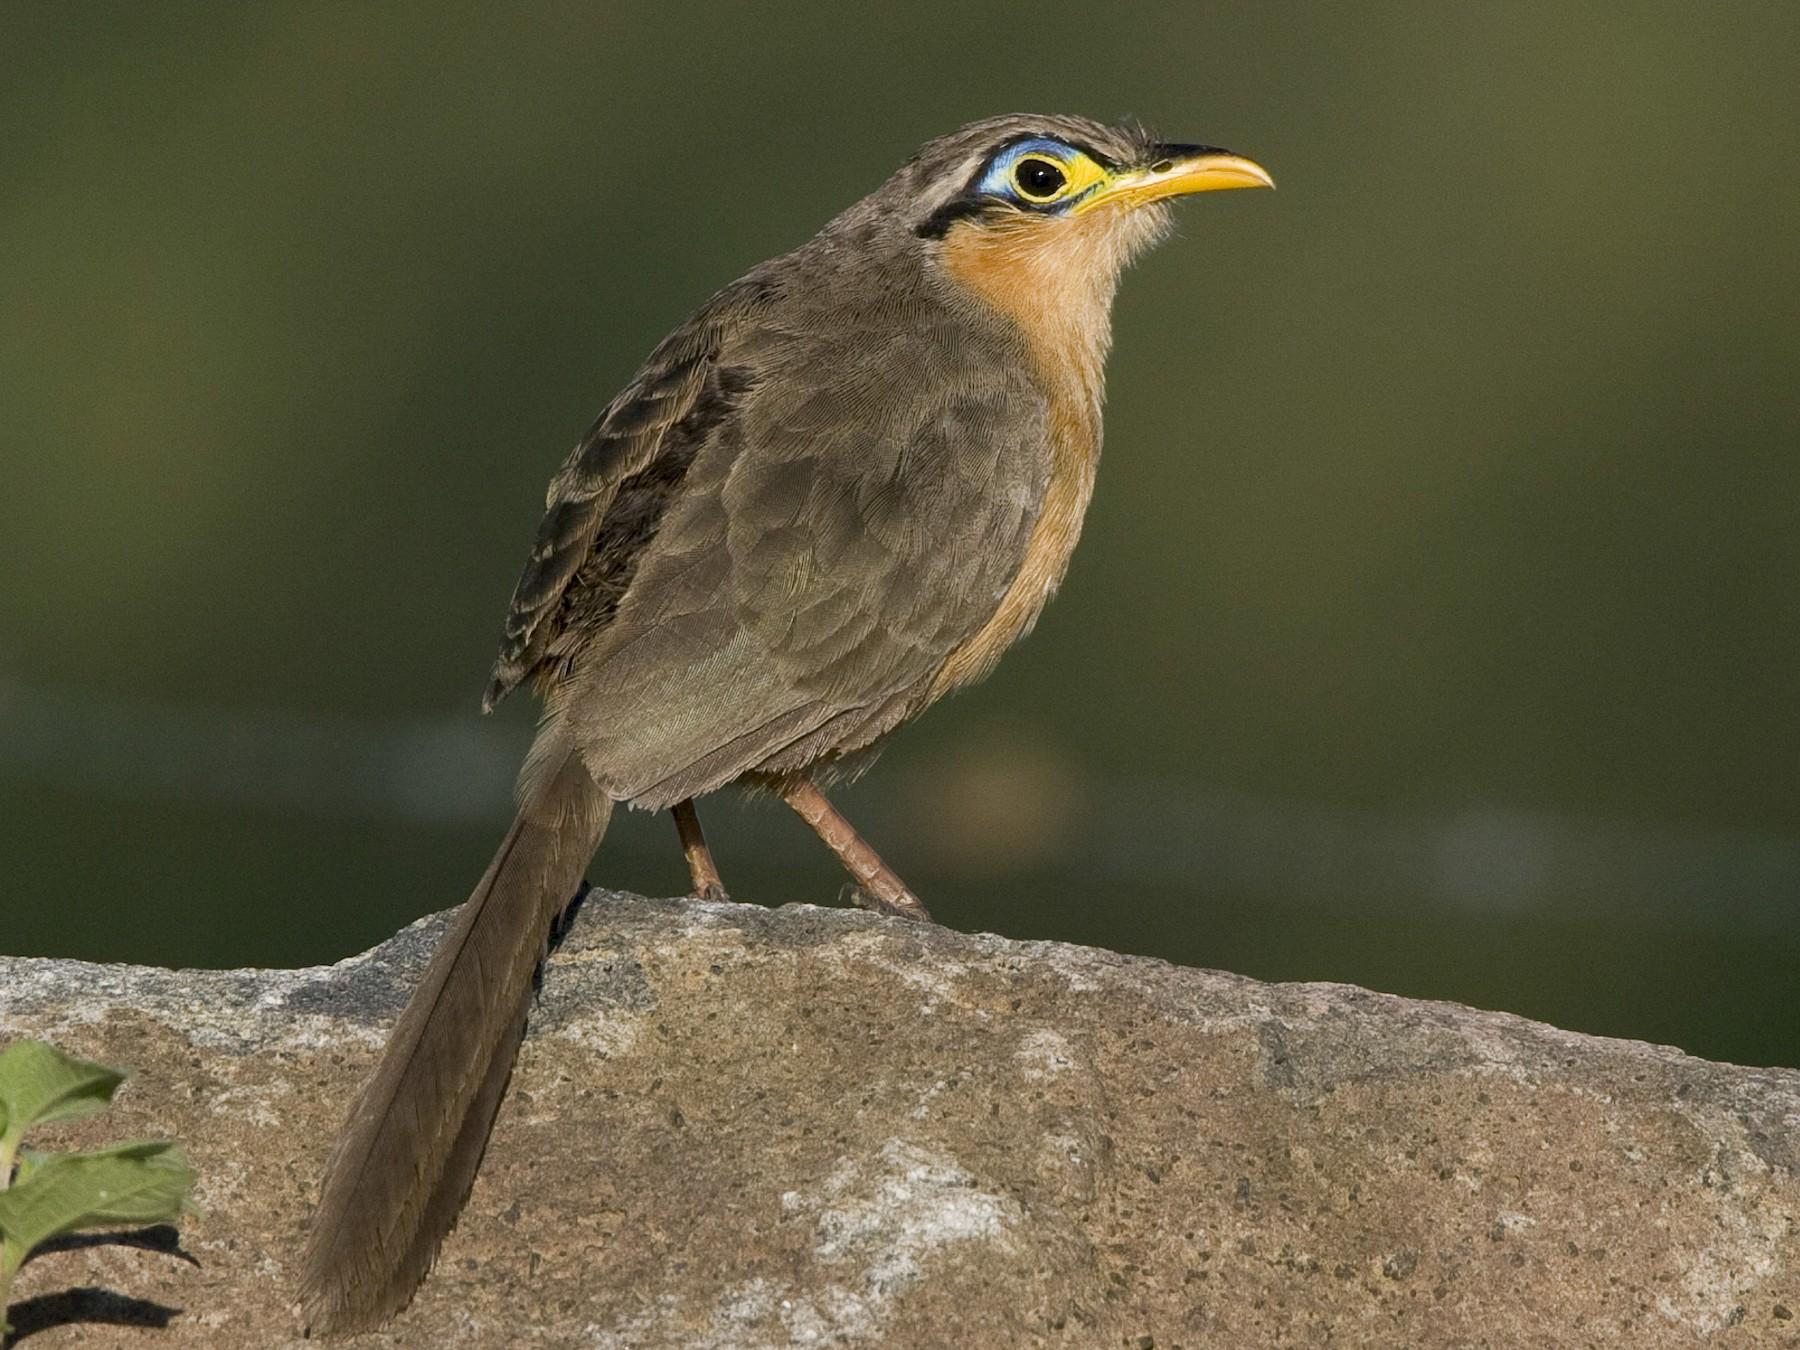 Lesser Ground-Cuckoo - Brian Sullivan